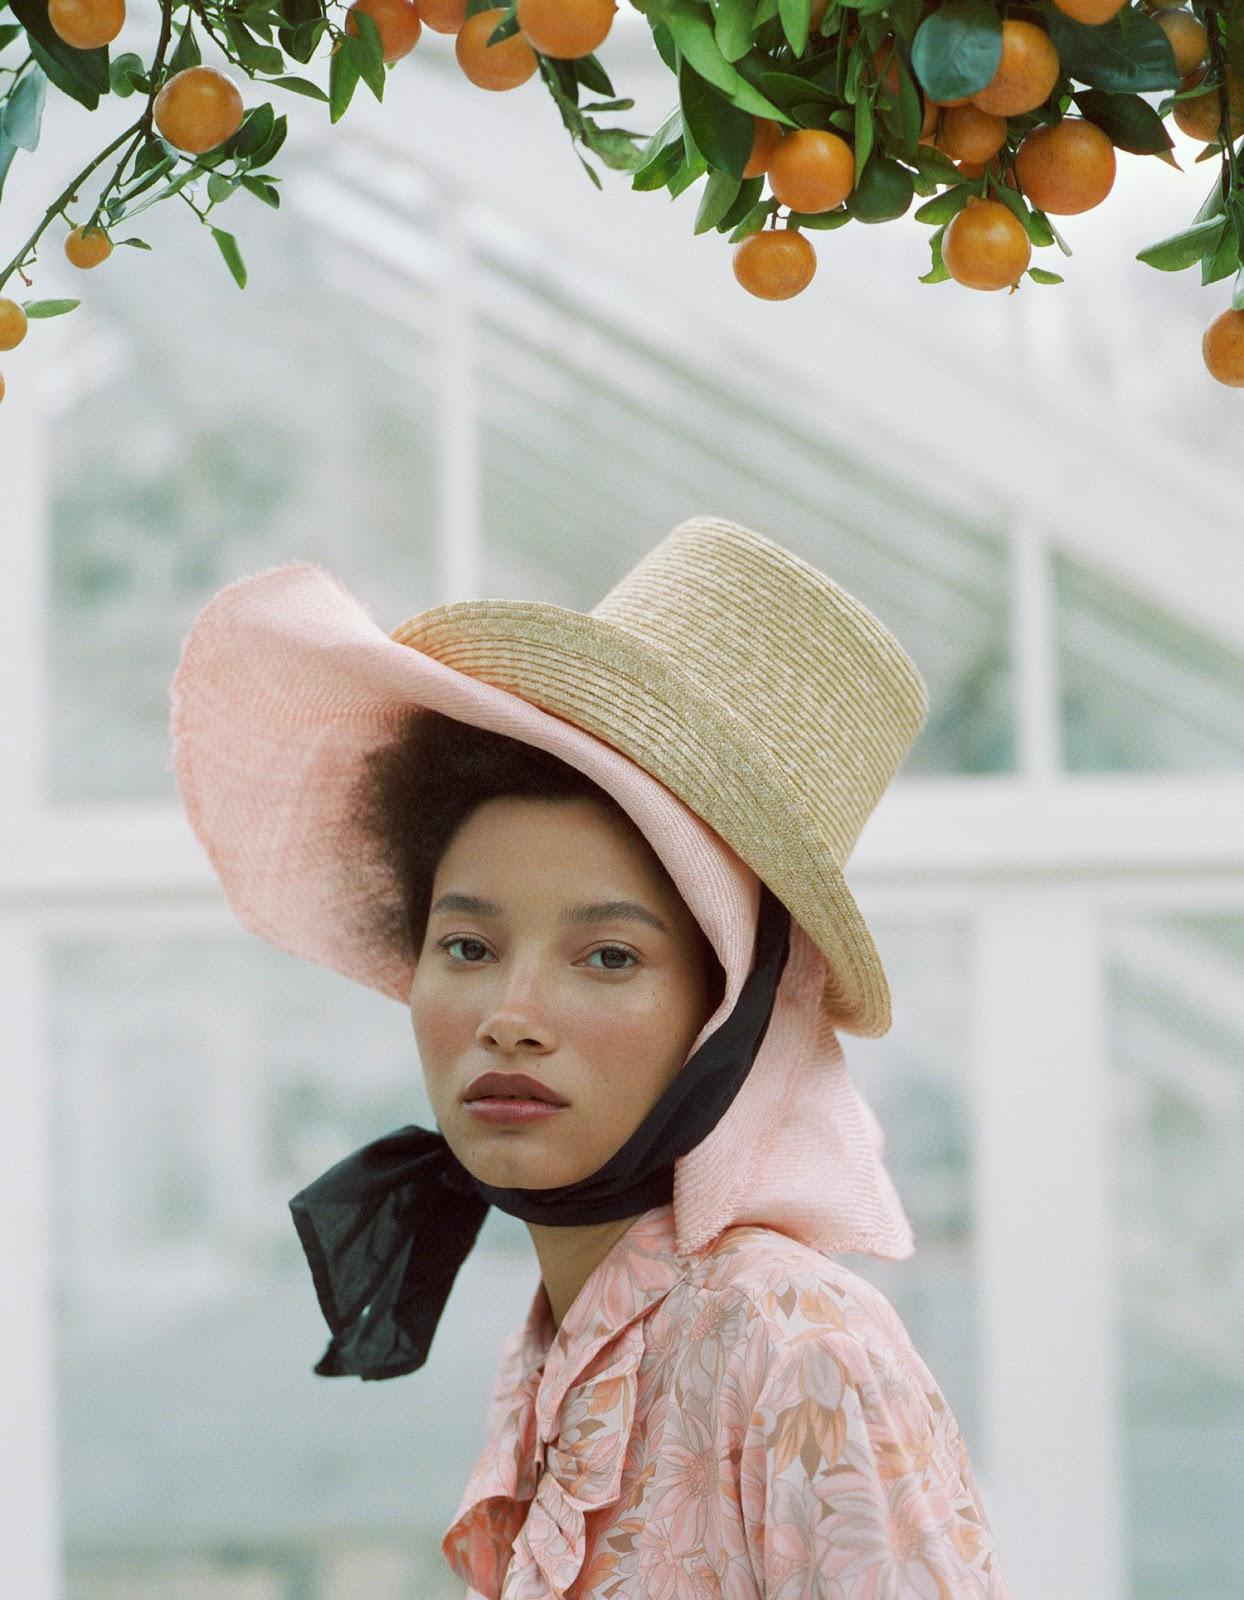 Lineisy Montero by Stas Komarovski for Vogue Mexico Feb 2019 (13).jpg